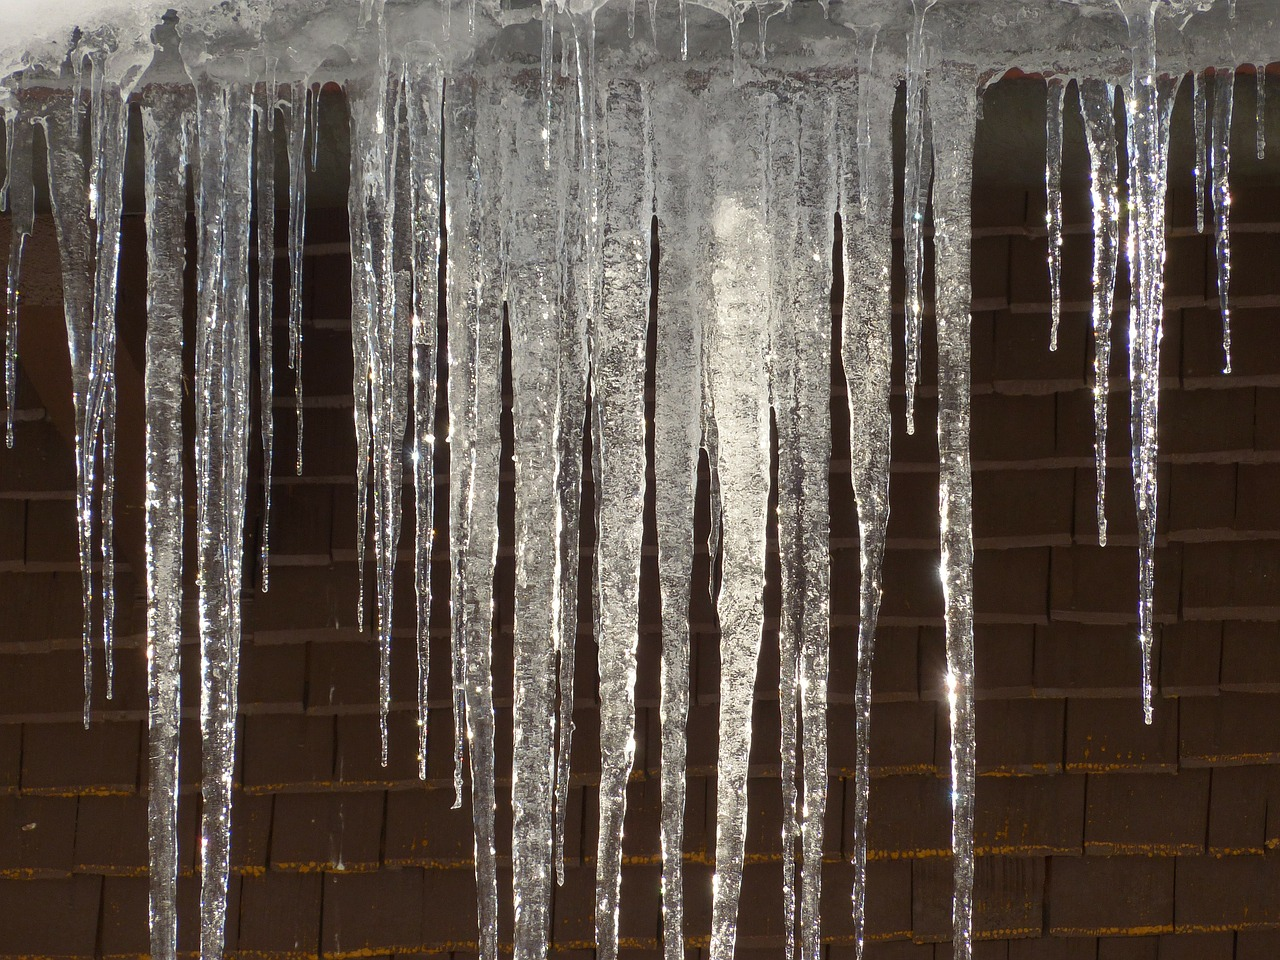 Бережіть транспорт від бурульок: скільки автівок пошкоджено у Києві - Транспорт, сніг, лід, бурульки, автомобіль - icicle 93727 1280